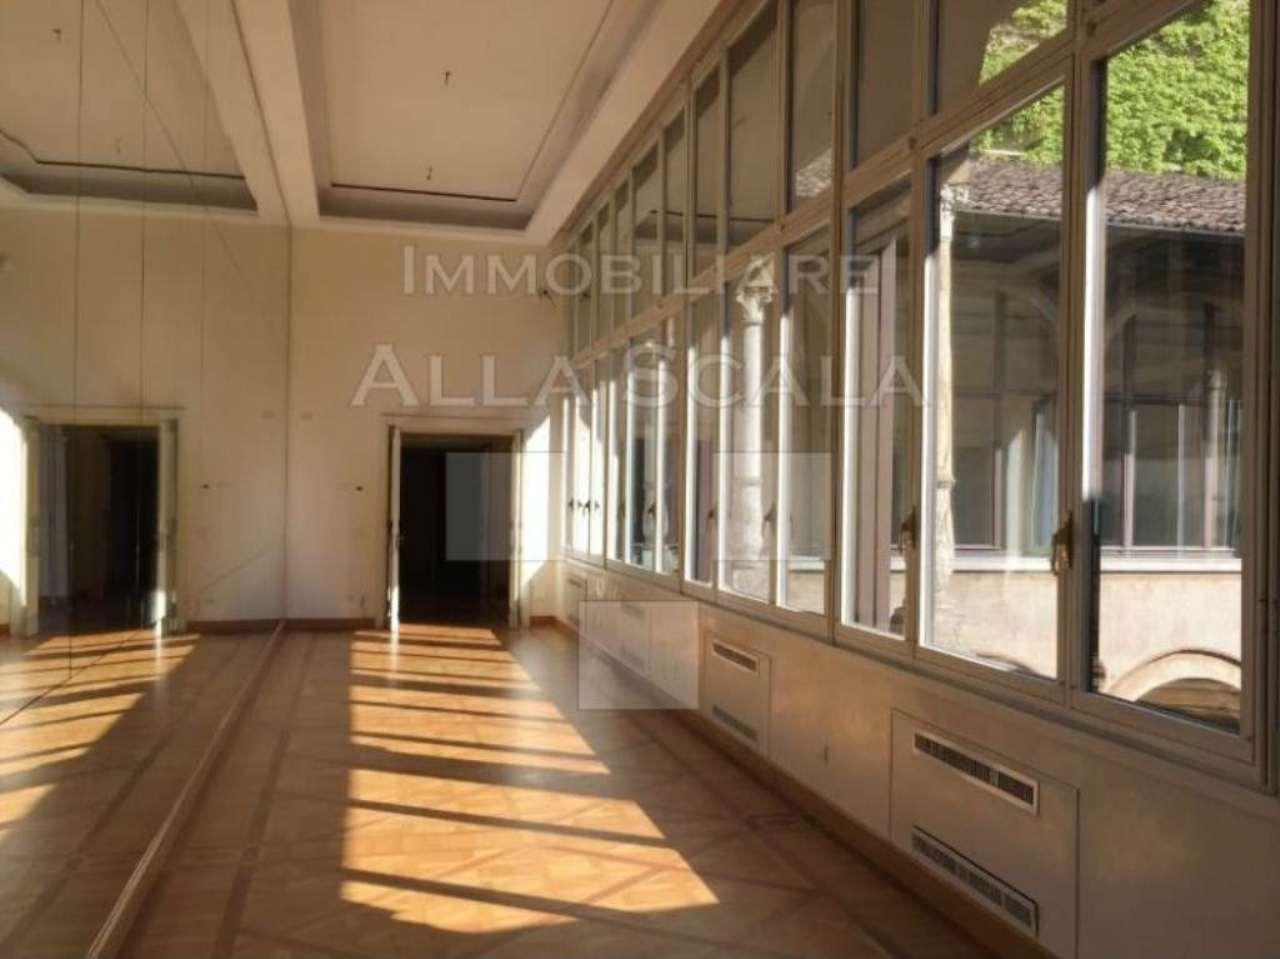 Appartamento in affitto a Milano, 10 locali, zona Zona: 1 . Centro Storico, Duomo, Brera, Cadorna, Cattolica, prezzo € 10.830 | Cambio Casa.it